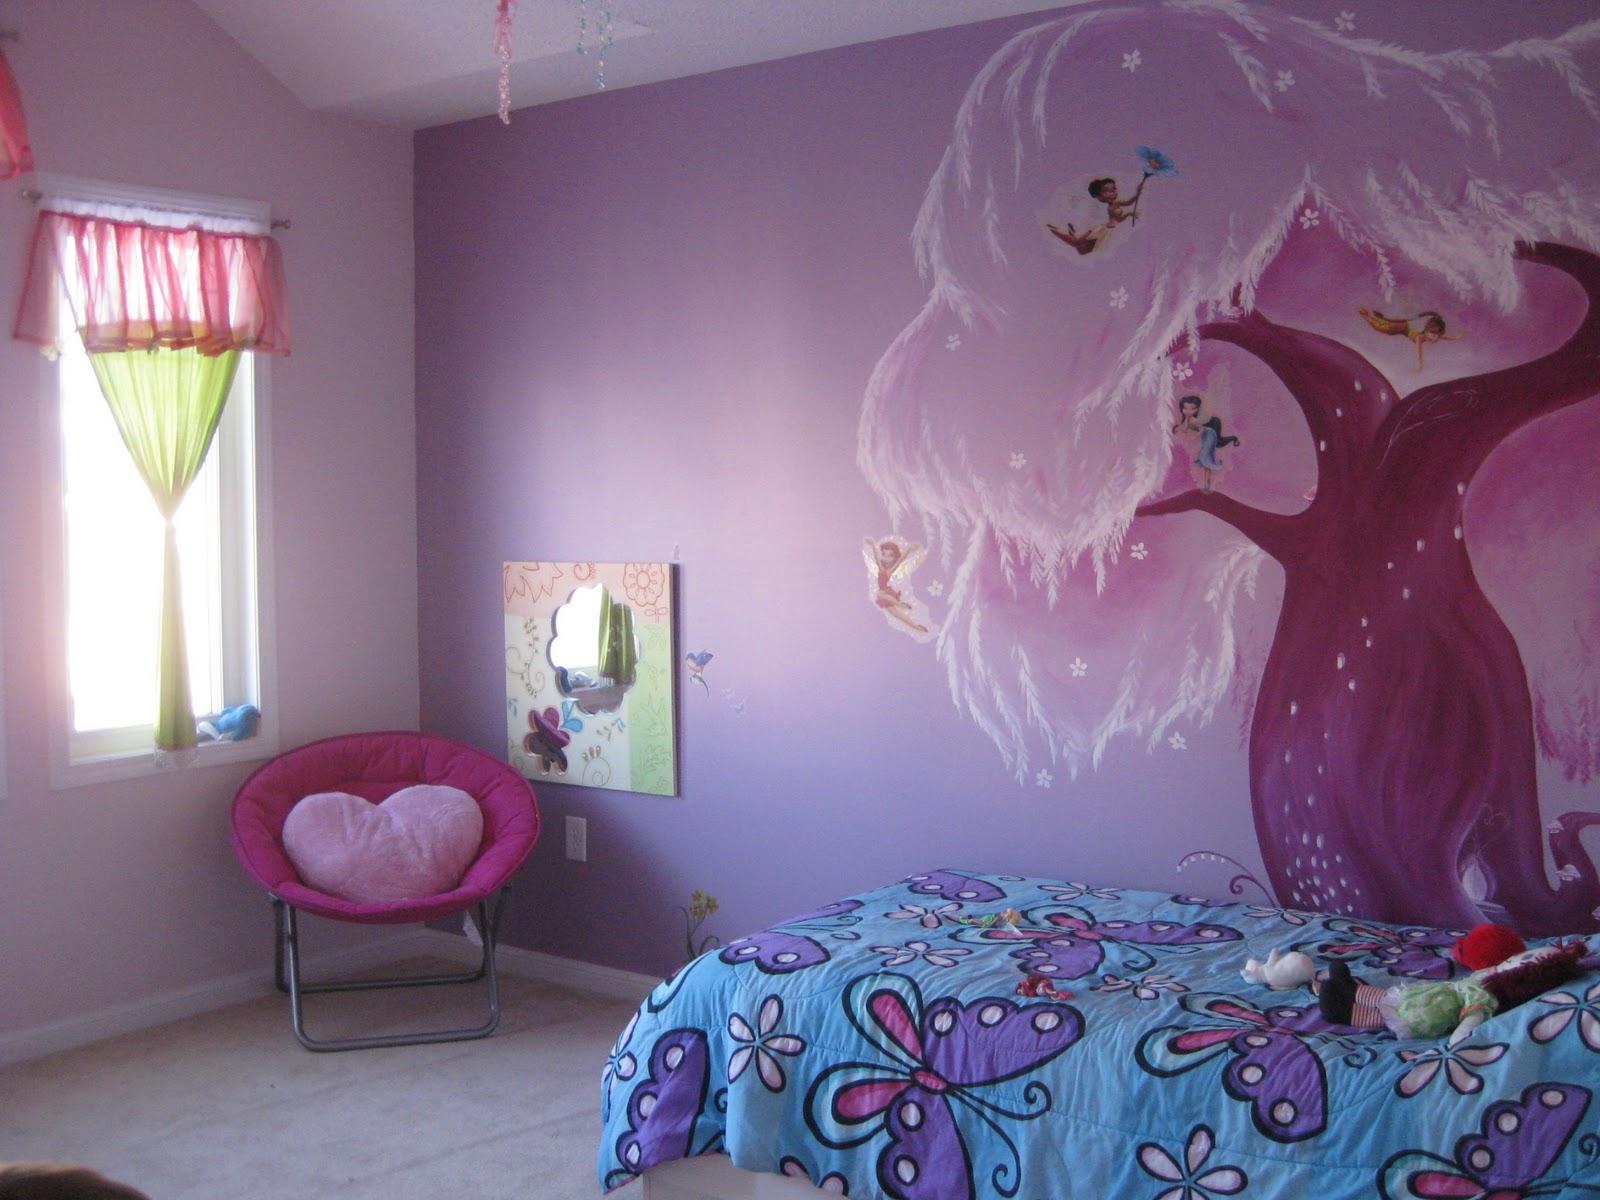 Tinkerbell Bedroom Decor Disney Fairies Bedroom Amelie S Bedroom Girls Bedroom